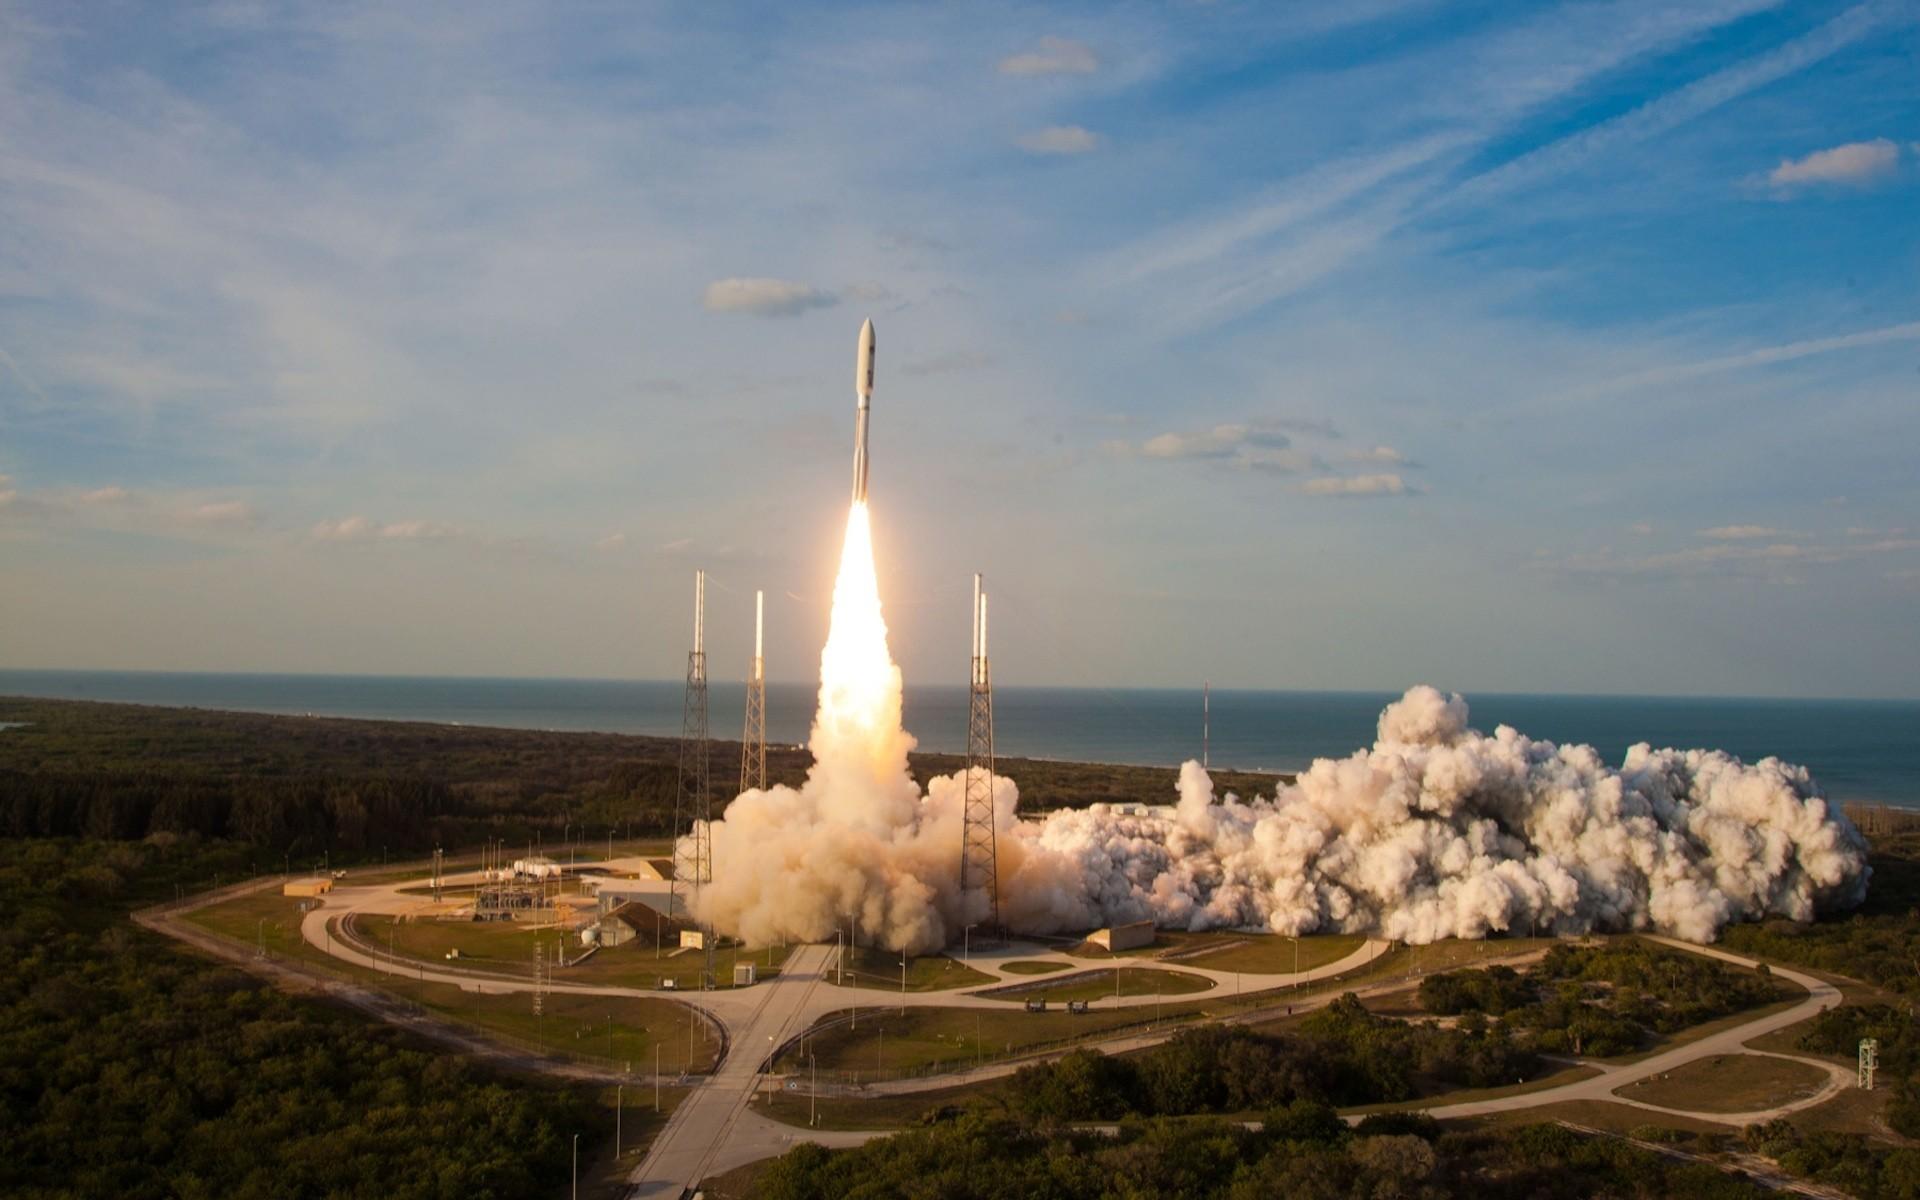 rocket space coast image - HD1920×1200